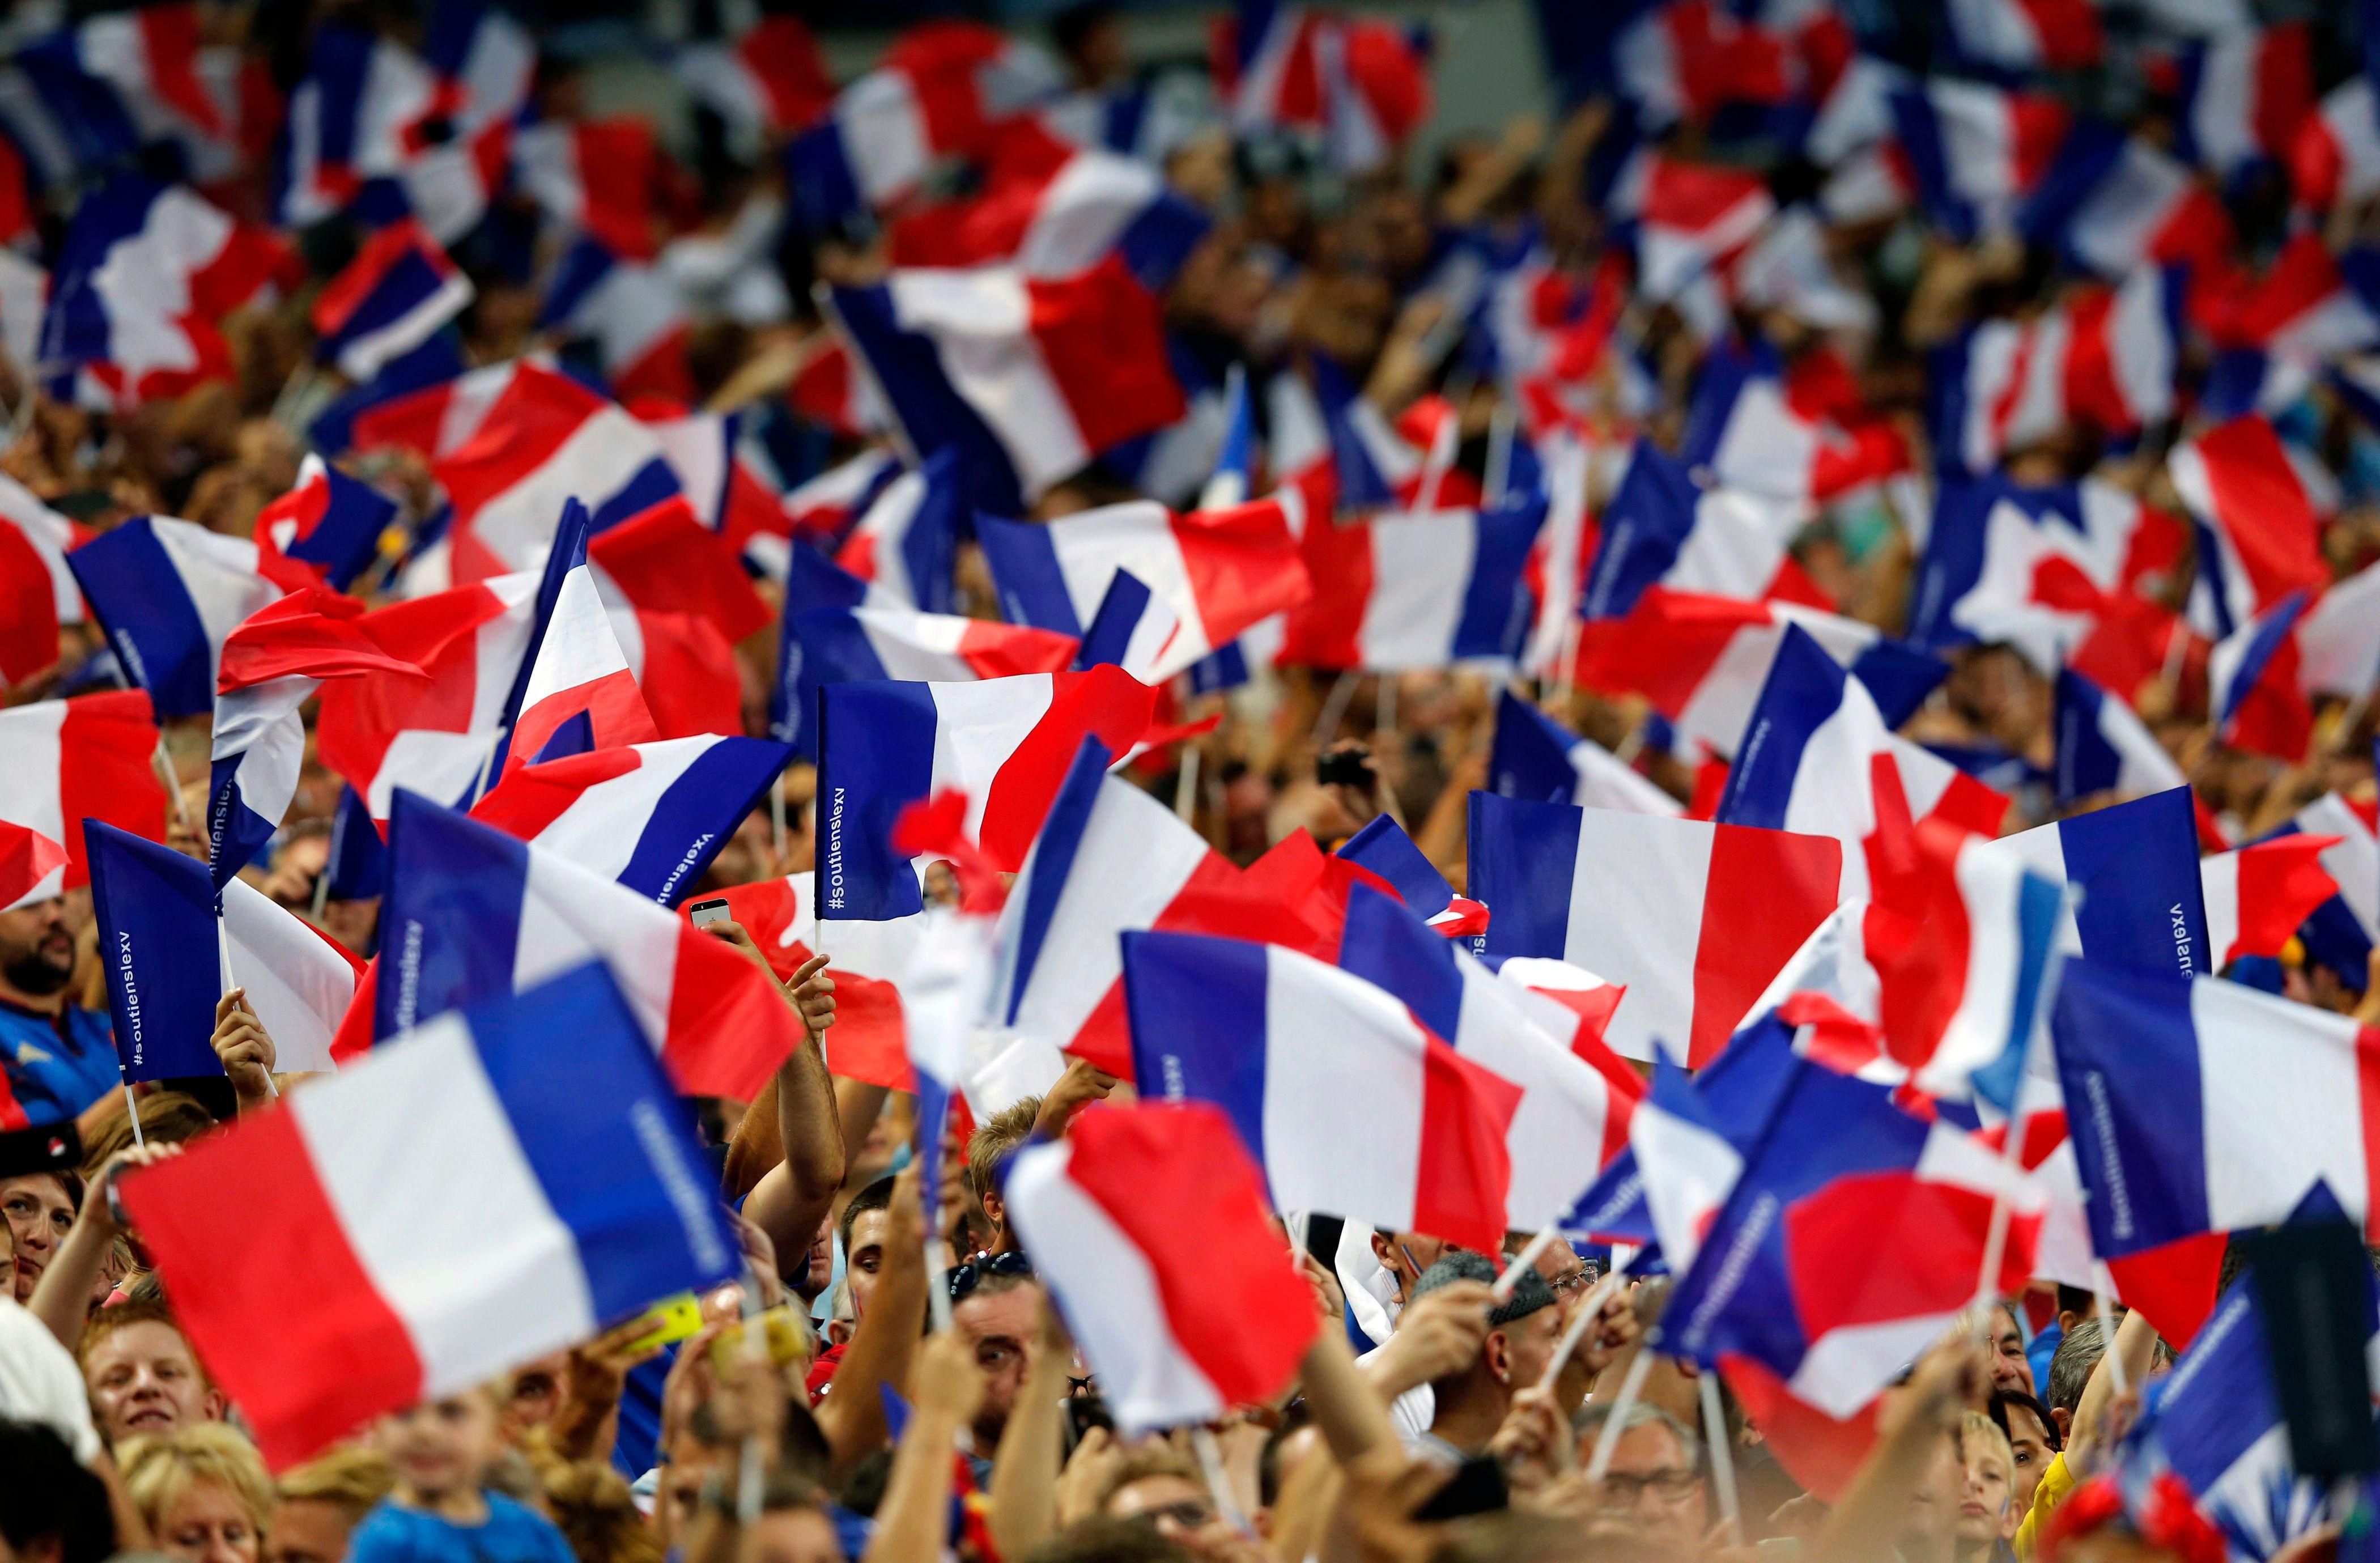 Langues, marchés, mariages : qu'est-ce qui unit encore la société française d'aujourd'hui ?